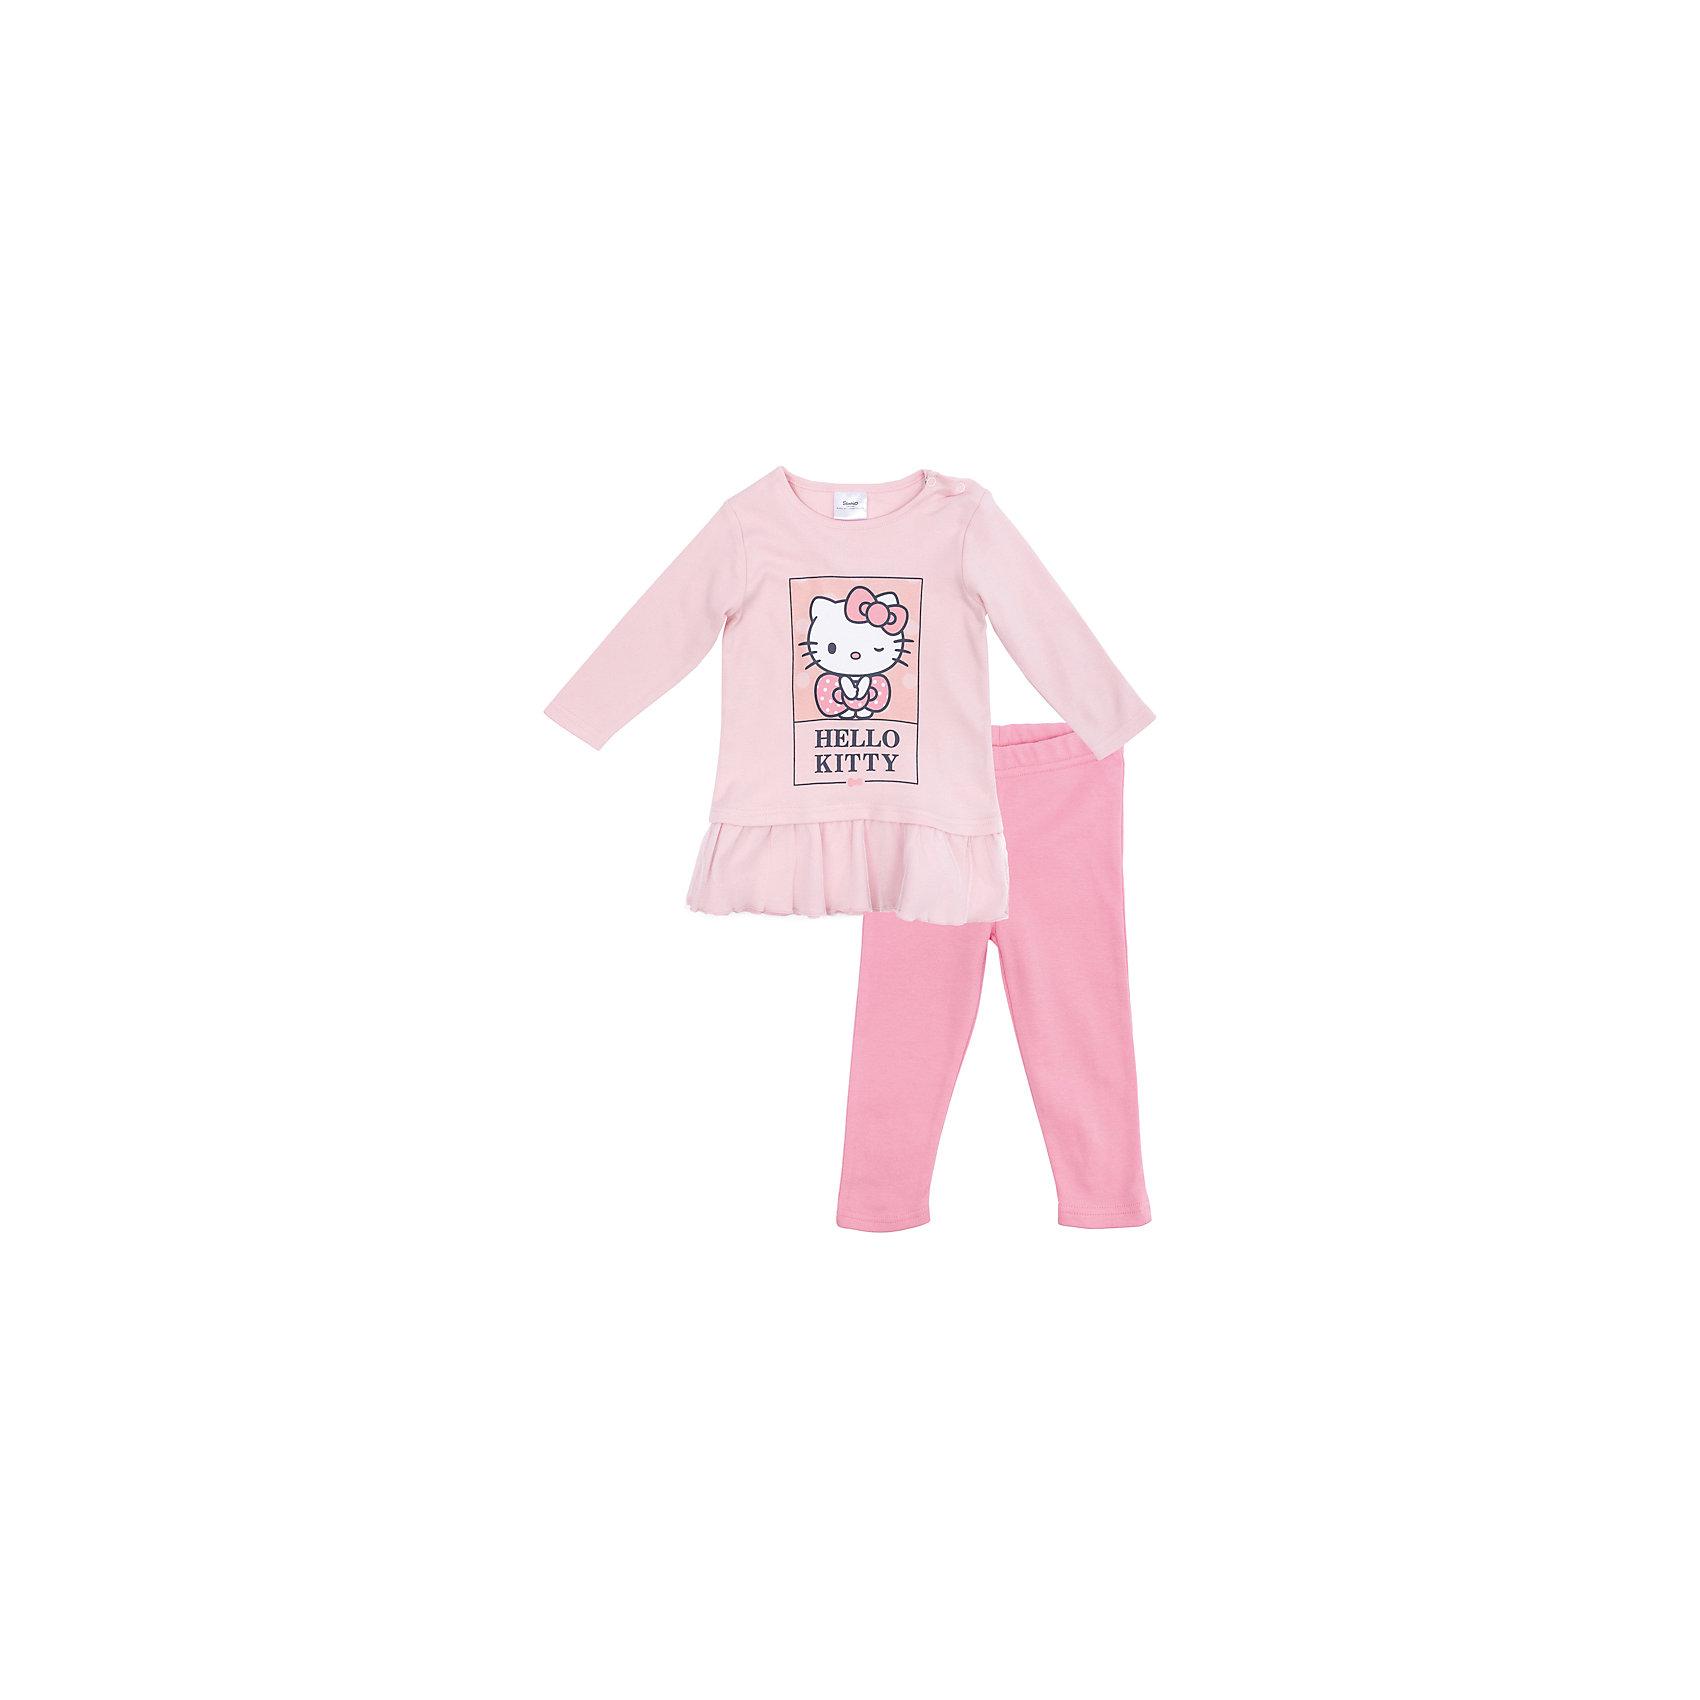 Комплект для девочки PlayTodayКомплекты<br>Характеристики товара:<br><br>• цвет: розовый<br>• состав: 100% хлопок<br>• комплектация: кофточка, брюки<br>• дышащий материал<br>• длинные рукава<br>• кнопки для удобства надевания<br>• пояс брюк - мягкая резинка<br>• комфортная посадка<br>• коллекция: весна-лето 2017<br>• страна бренда: Германия<br>• страна производства: Китай<br><br>Популярный бренд PlayToday выпустил новую коллекцию! Вещи из неё продолжают радовать покупателей удобством, стильным дизайном и продуманным кроем. Дети носят их с удовольствием. PlayToday - это линейка товаров, созданная специально для детей. Дизайнеры учитывают новые веяния моды и потребности детей. Порадуйте ребенка обновкой от проверенного производителя!<br>Эта модель обеспечит ребенку комфорт благодаря качественному материалу и удобному крою. Отличный вариант детской одежды - она не трет и давит, не ограничивает свободу движений! Выглядит стильно и аккуратно.<br><br>Комплект для девочки от известного бренда PlayToday можно купить в нашем интернет-магазине.<br><br>Ширина мм: 157<br>Глубина мм: 13<br>Высота мм: 119<br>Вес г: 200<br>Цвет: белый<br>Возраст от месяцев: 6<br>Возраст до месяцев: 9<br>Пол: Женский<br>Возраст: Детский<br>Размер: 74,56,62,68<br>SKU: 5408606